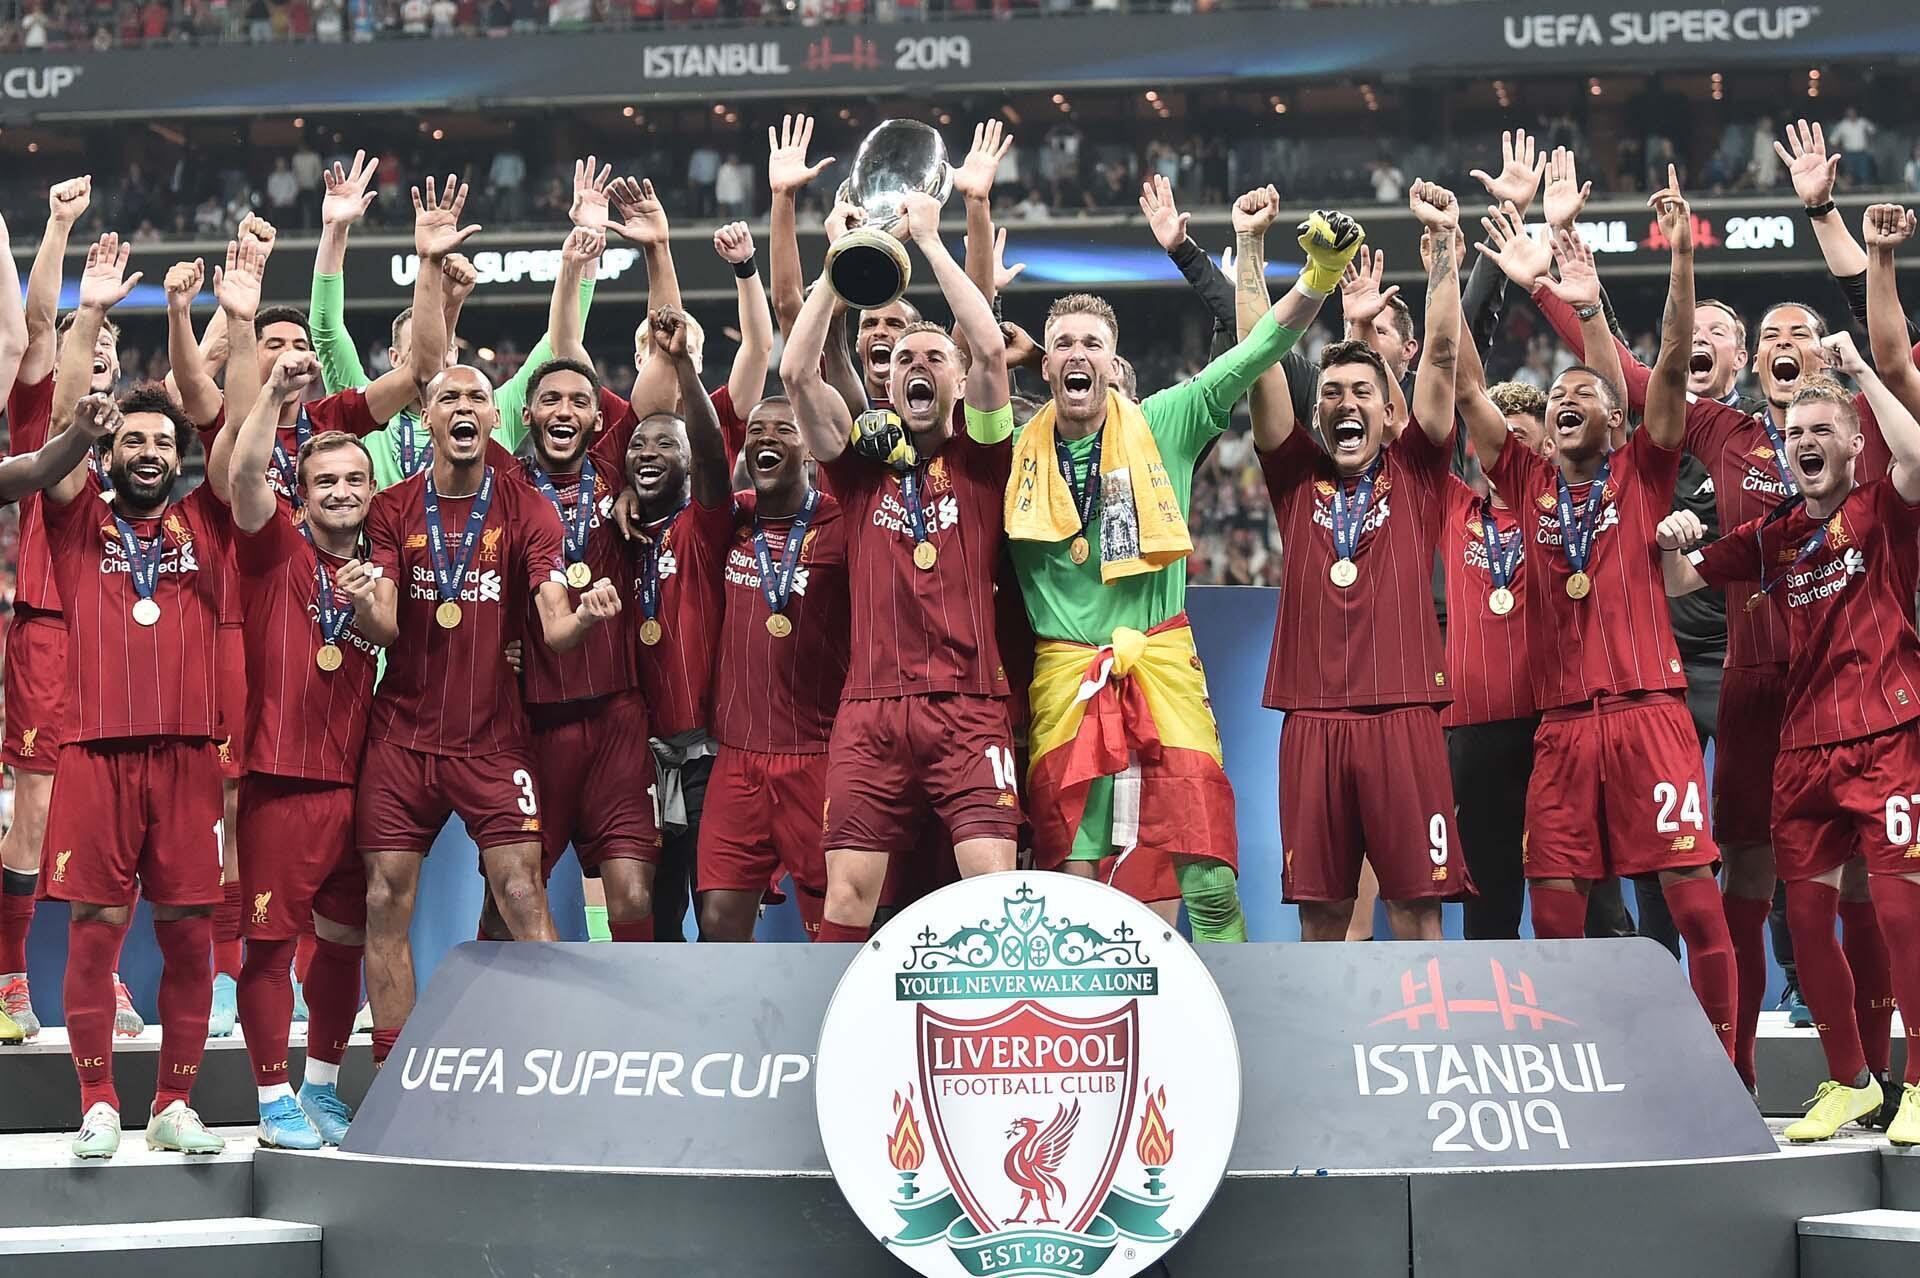 Tawagar kwallon kafar kungiyar Liverpool bayan lashe kofin UEFA Super Cup.